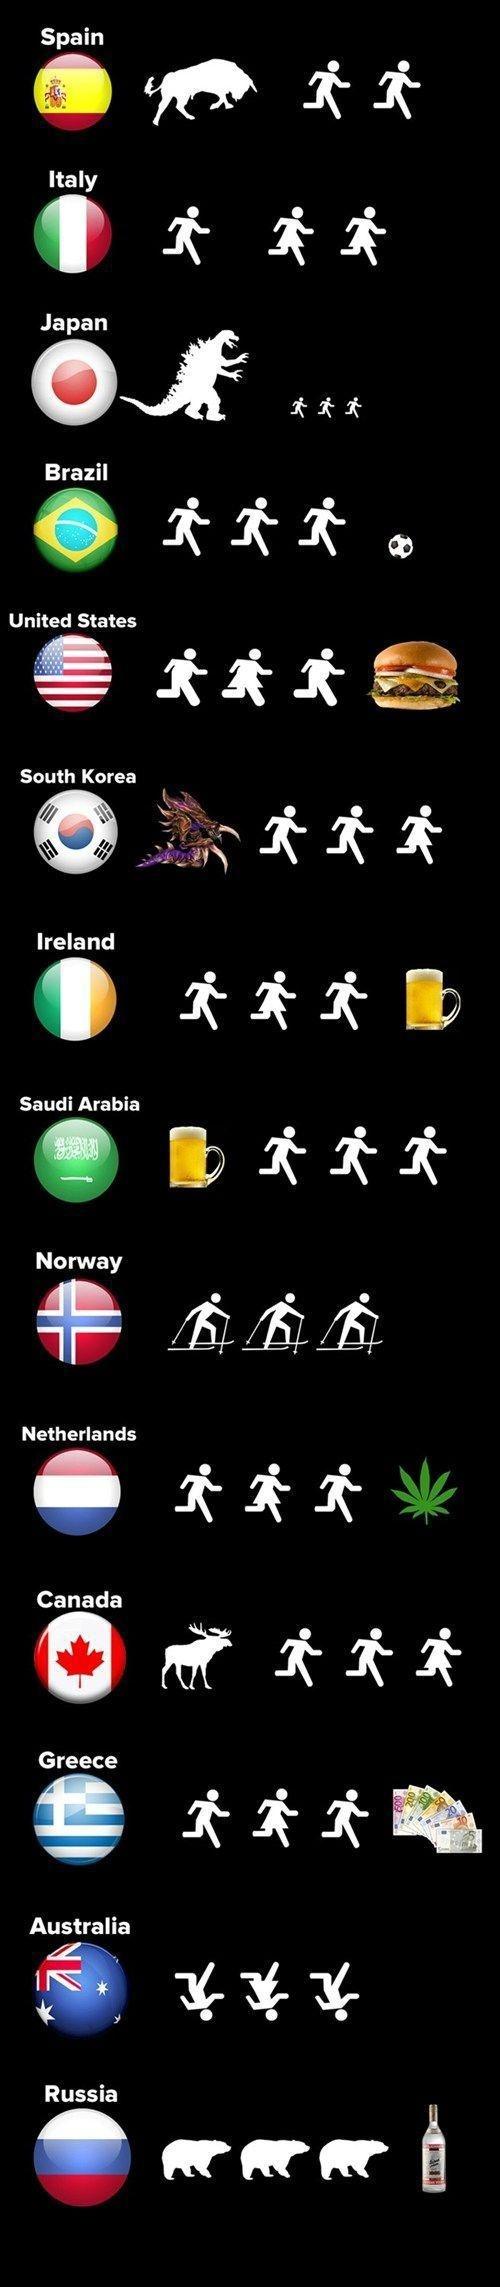 Tópicos sobre los países #Humor